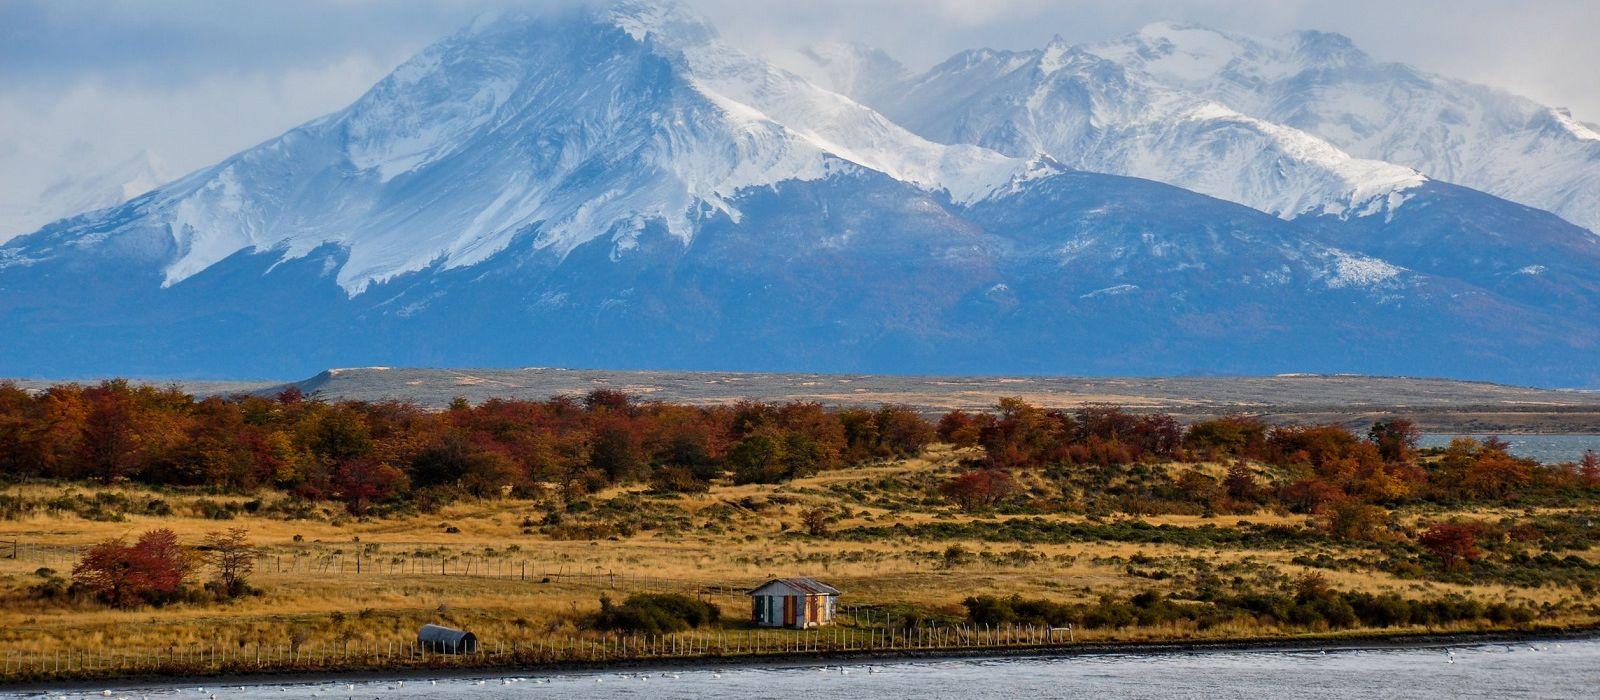 Einsame Wüsten, ewige Gletscher & geheimnisvolle Osterinsel – das Beste von Chile Urlaub 3